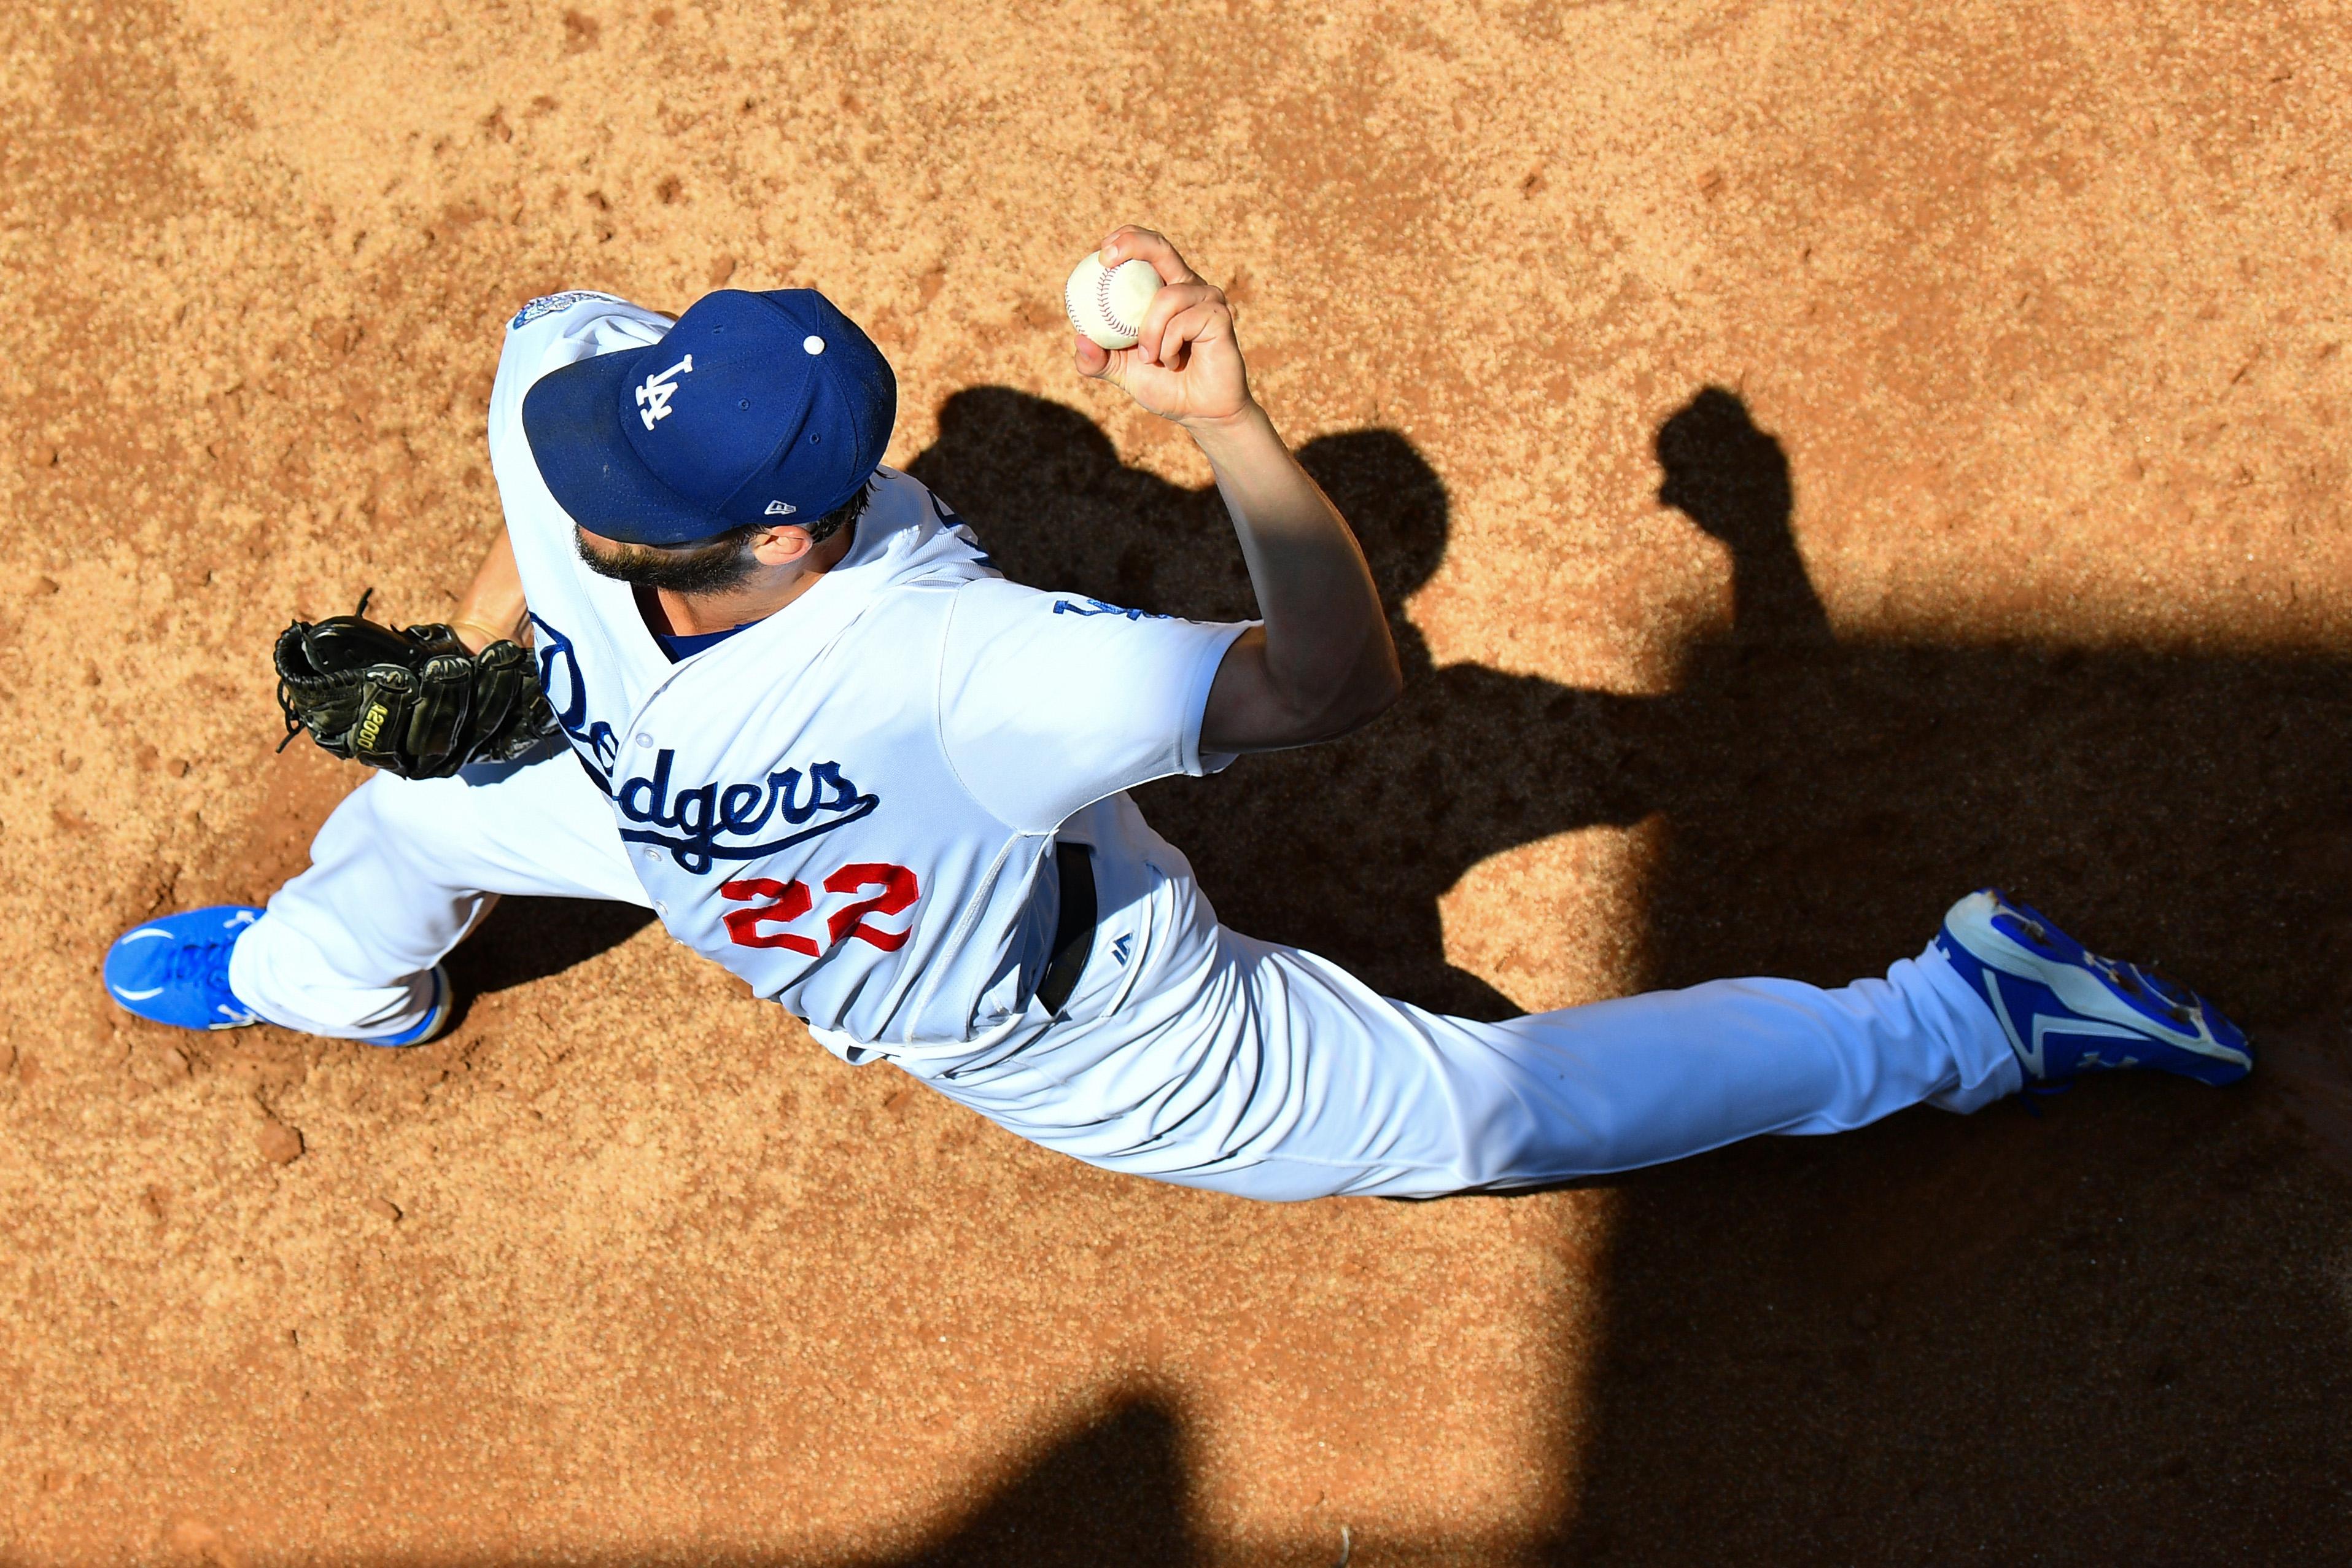 MLB: JUN 28 Cubs at Dodgers